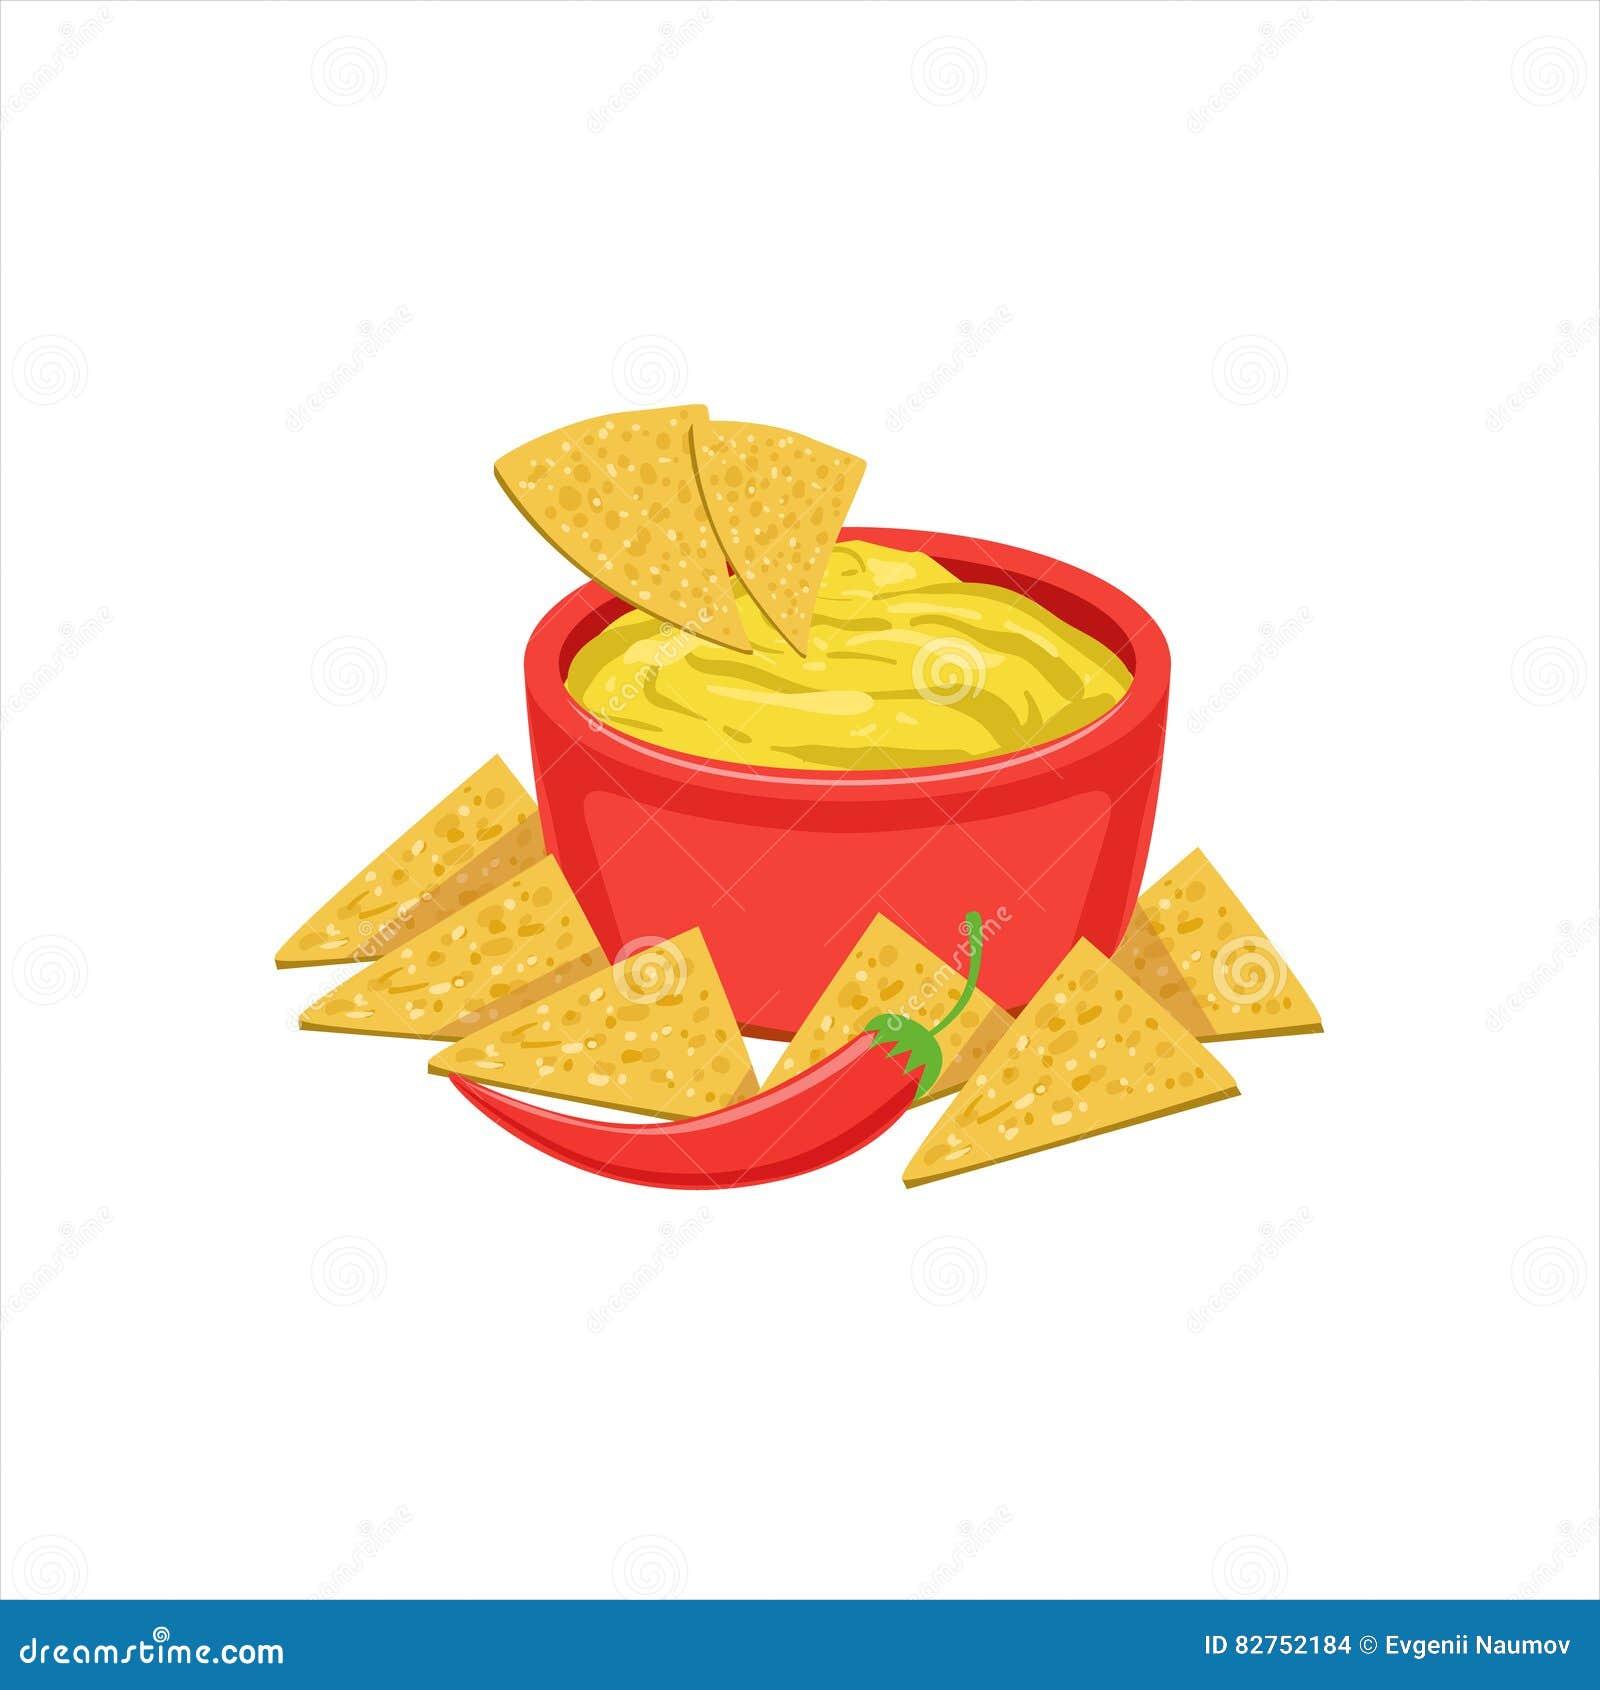 Objekt för mat för maträtt för NachosChips With Cheese Dip Traditional mexicanskt kokkonst från illustration för kafémenyvektor